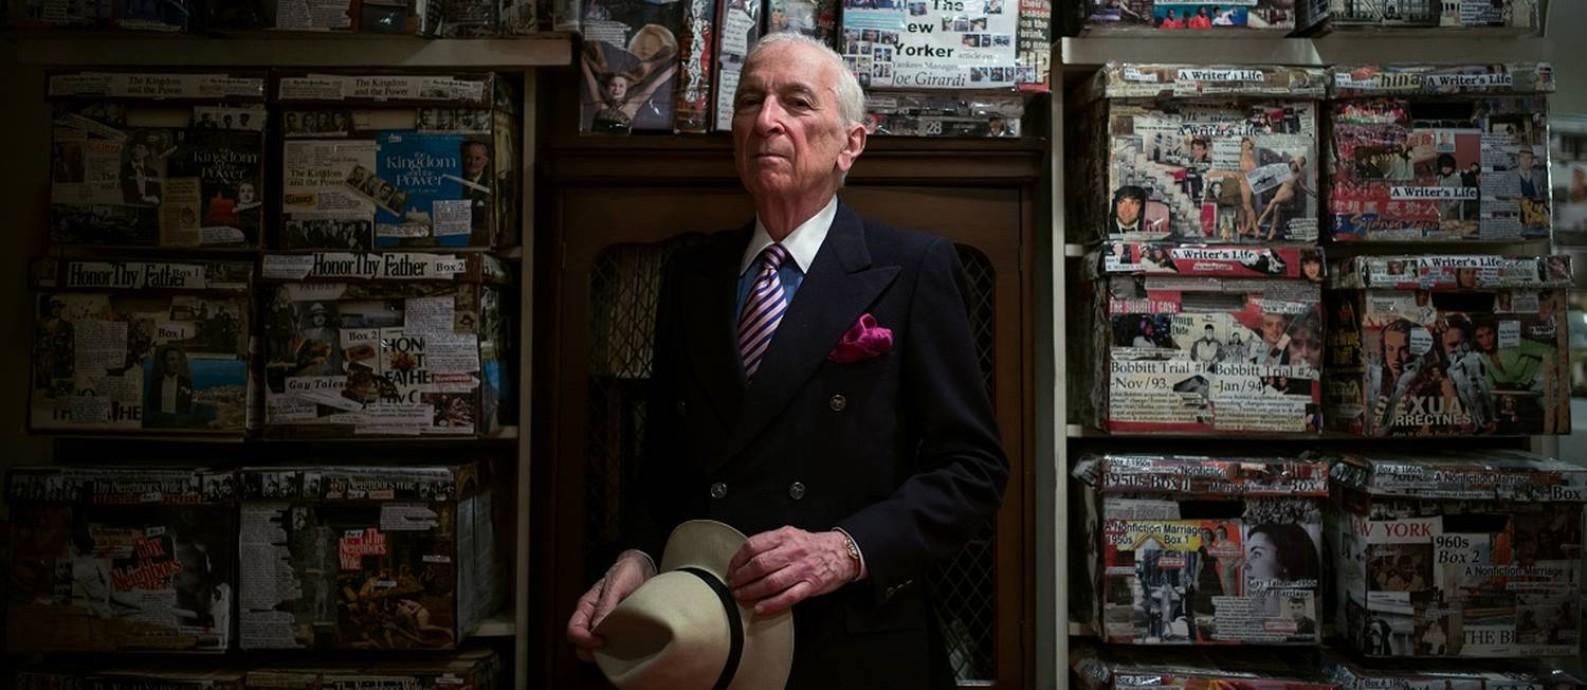 O jornalista e escritor Gay Talese em 2014, em meio a caixas (e caixas) com material de pesquisa de trabalhos antigos no porão de sua casa, em Nova York Foto: Damon Winter / Agência O Globo